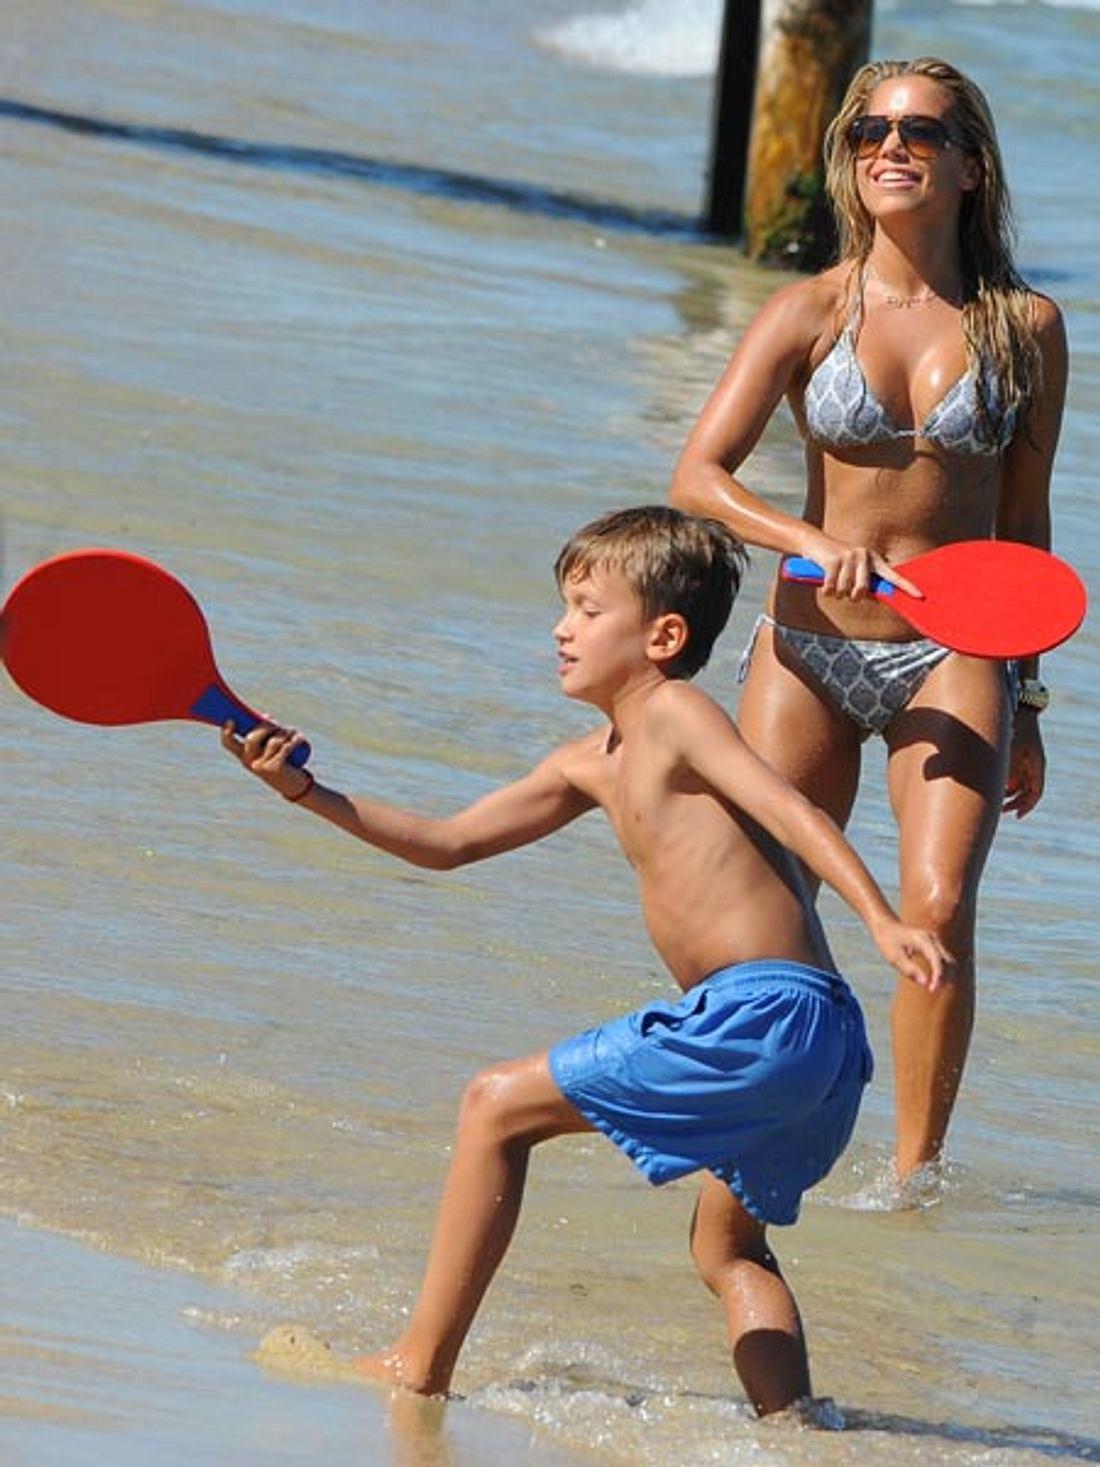 Sylvie und Damian liefern sich ein Ping-Pong-Duell